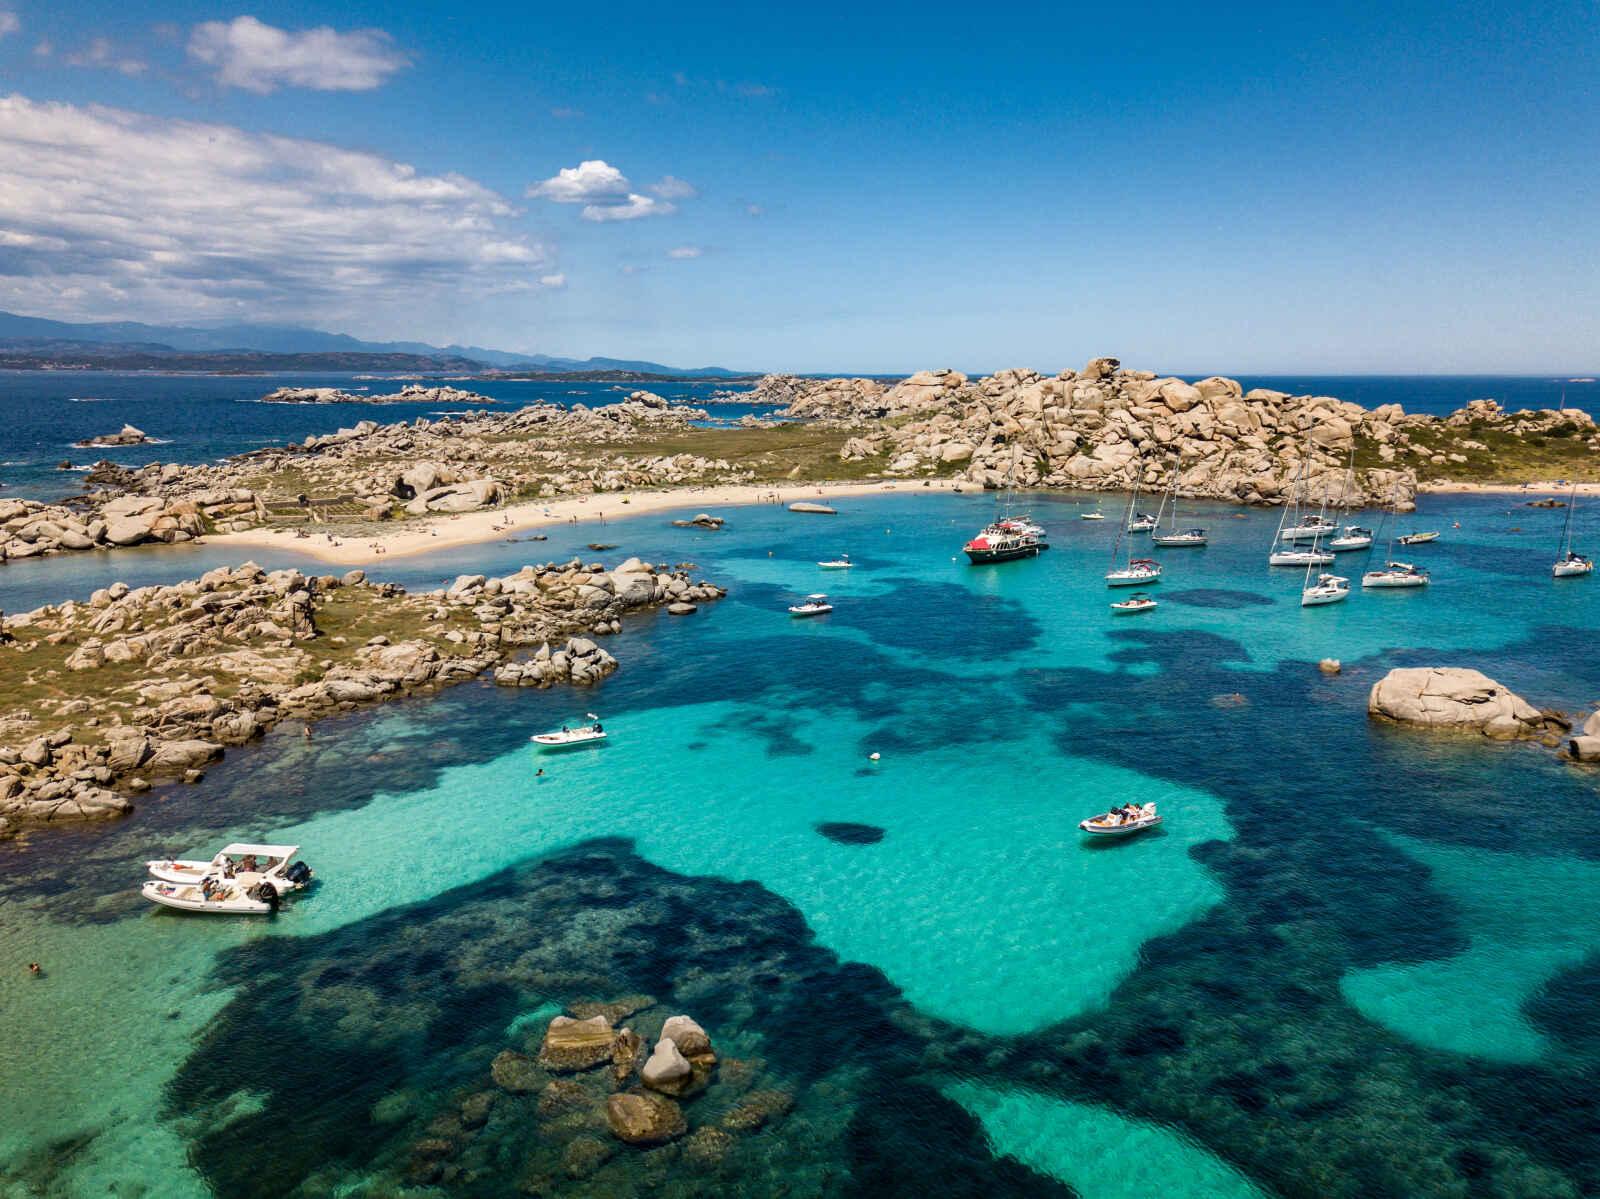 Corse : La Corse côté soleil couchant (Corse du Sud)